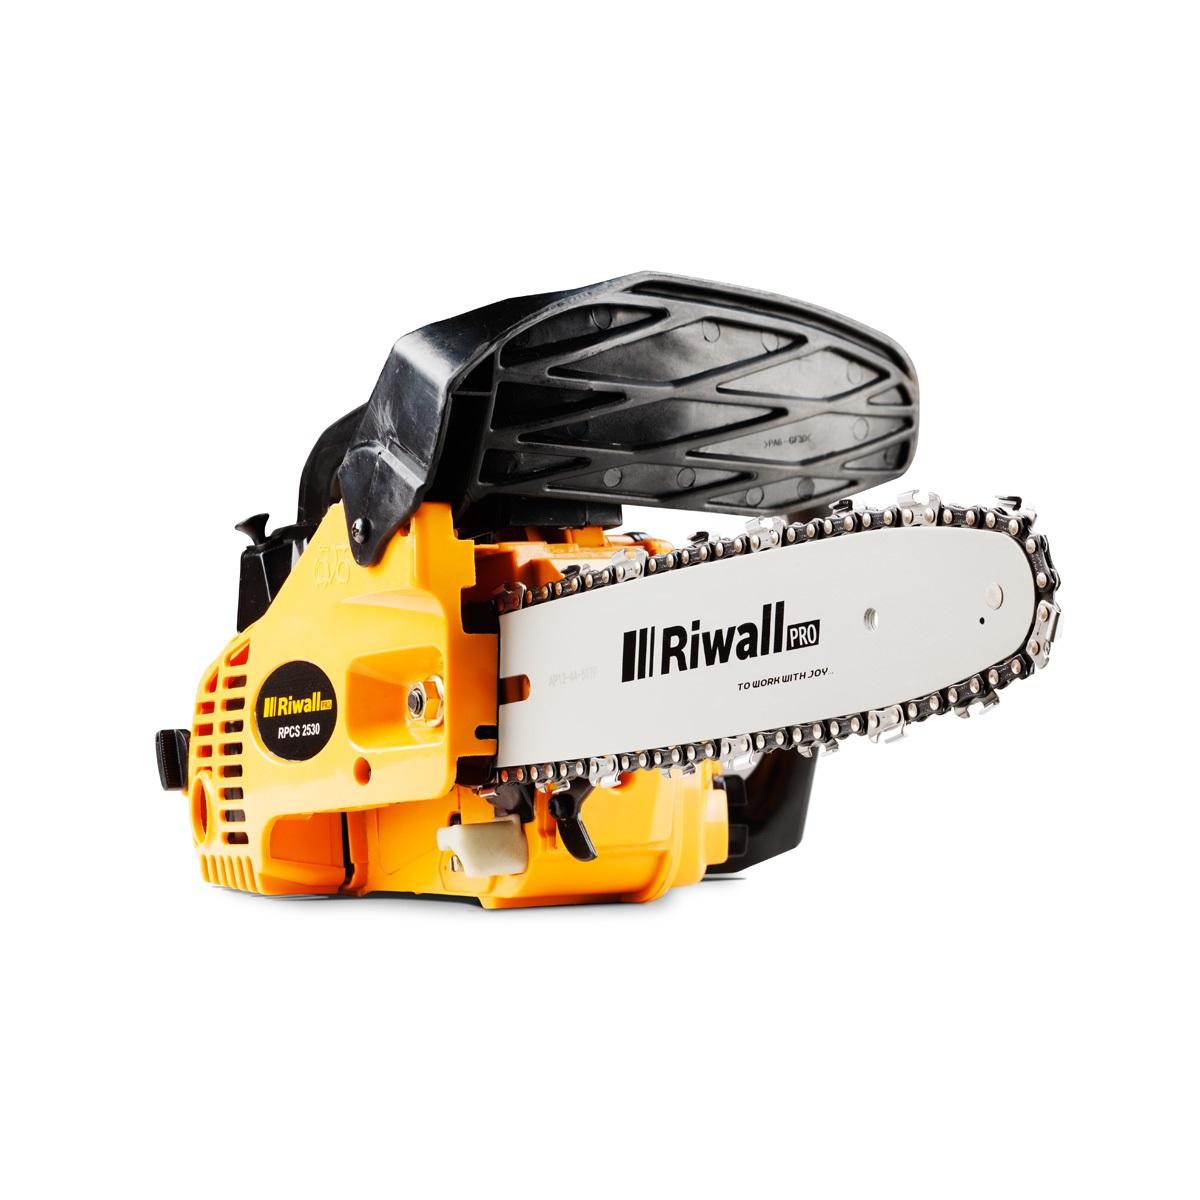 Riwall PRO RPCS 2530, reťazová vyvetvovacia píla s benzínovým motorom